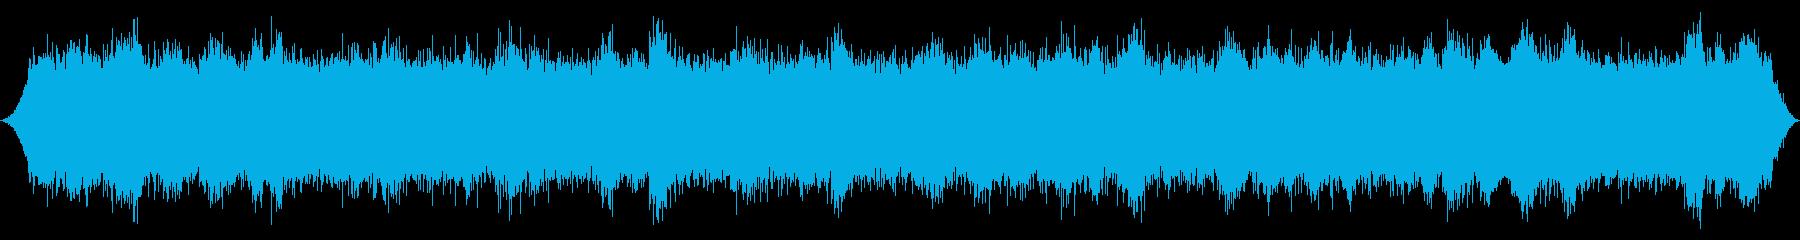 ヘビーガスティングウィンド:口hi...の再生済みの波形